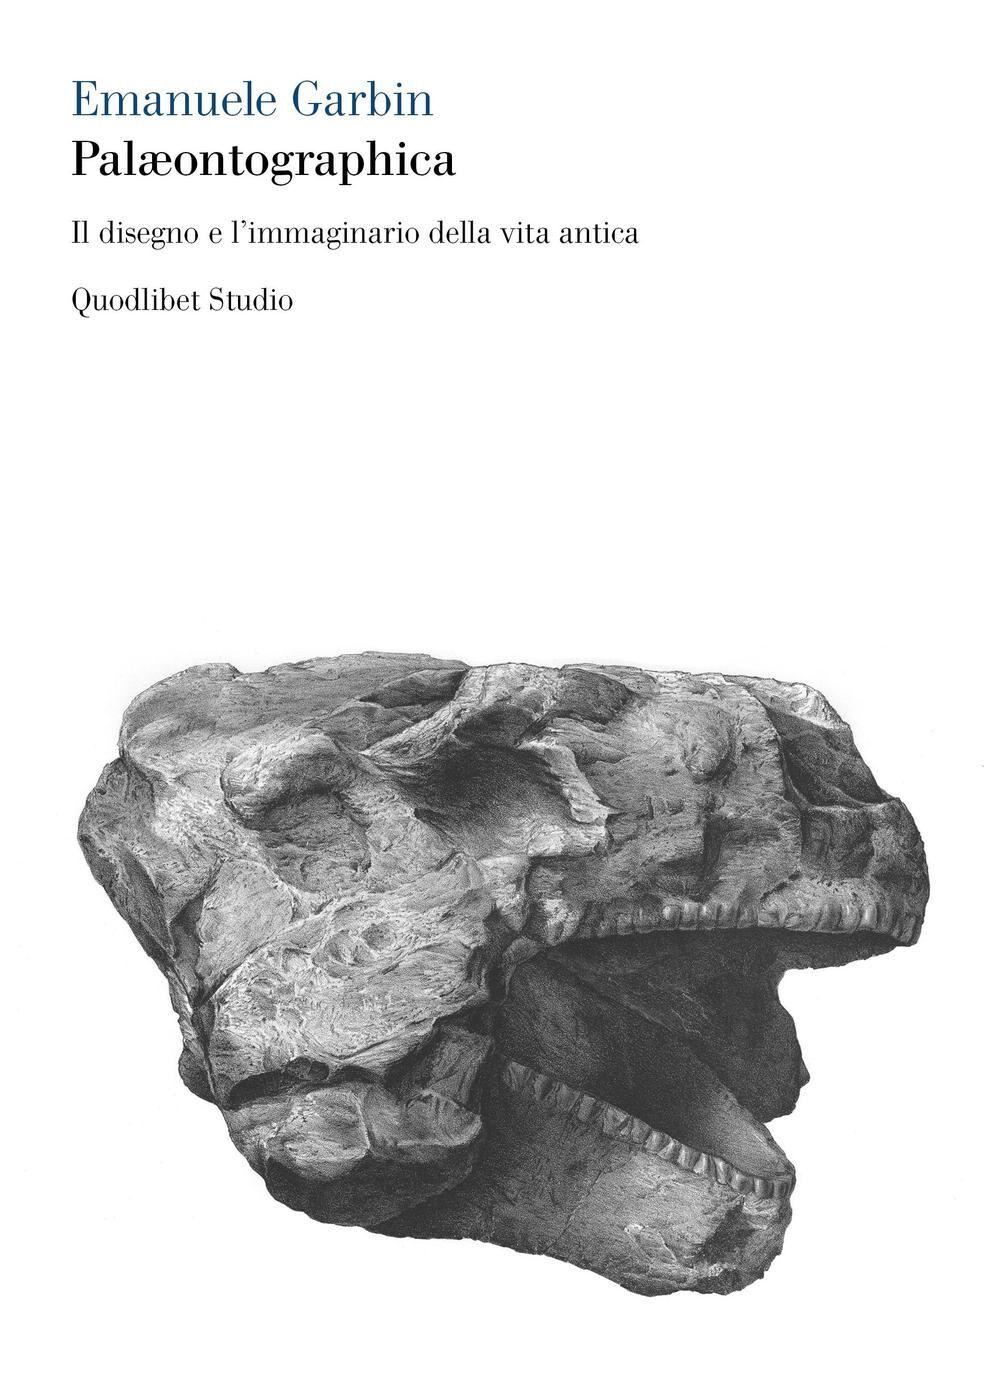 Palæontographica. Il disegno e l'immaginario della vita antica